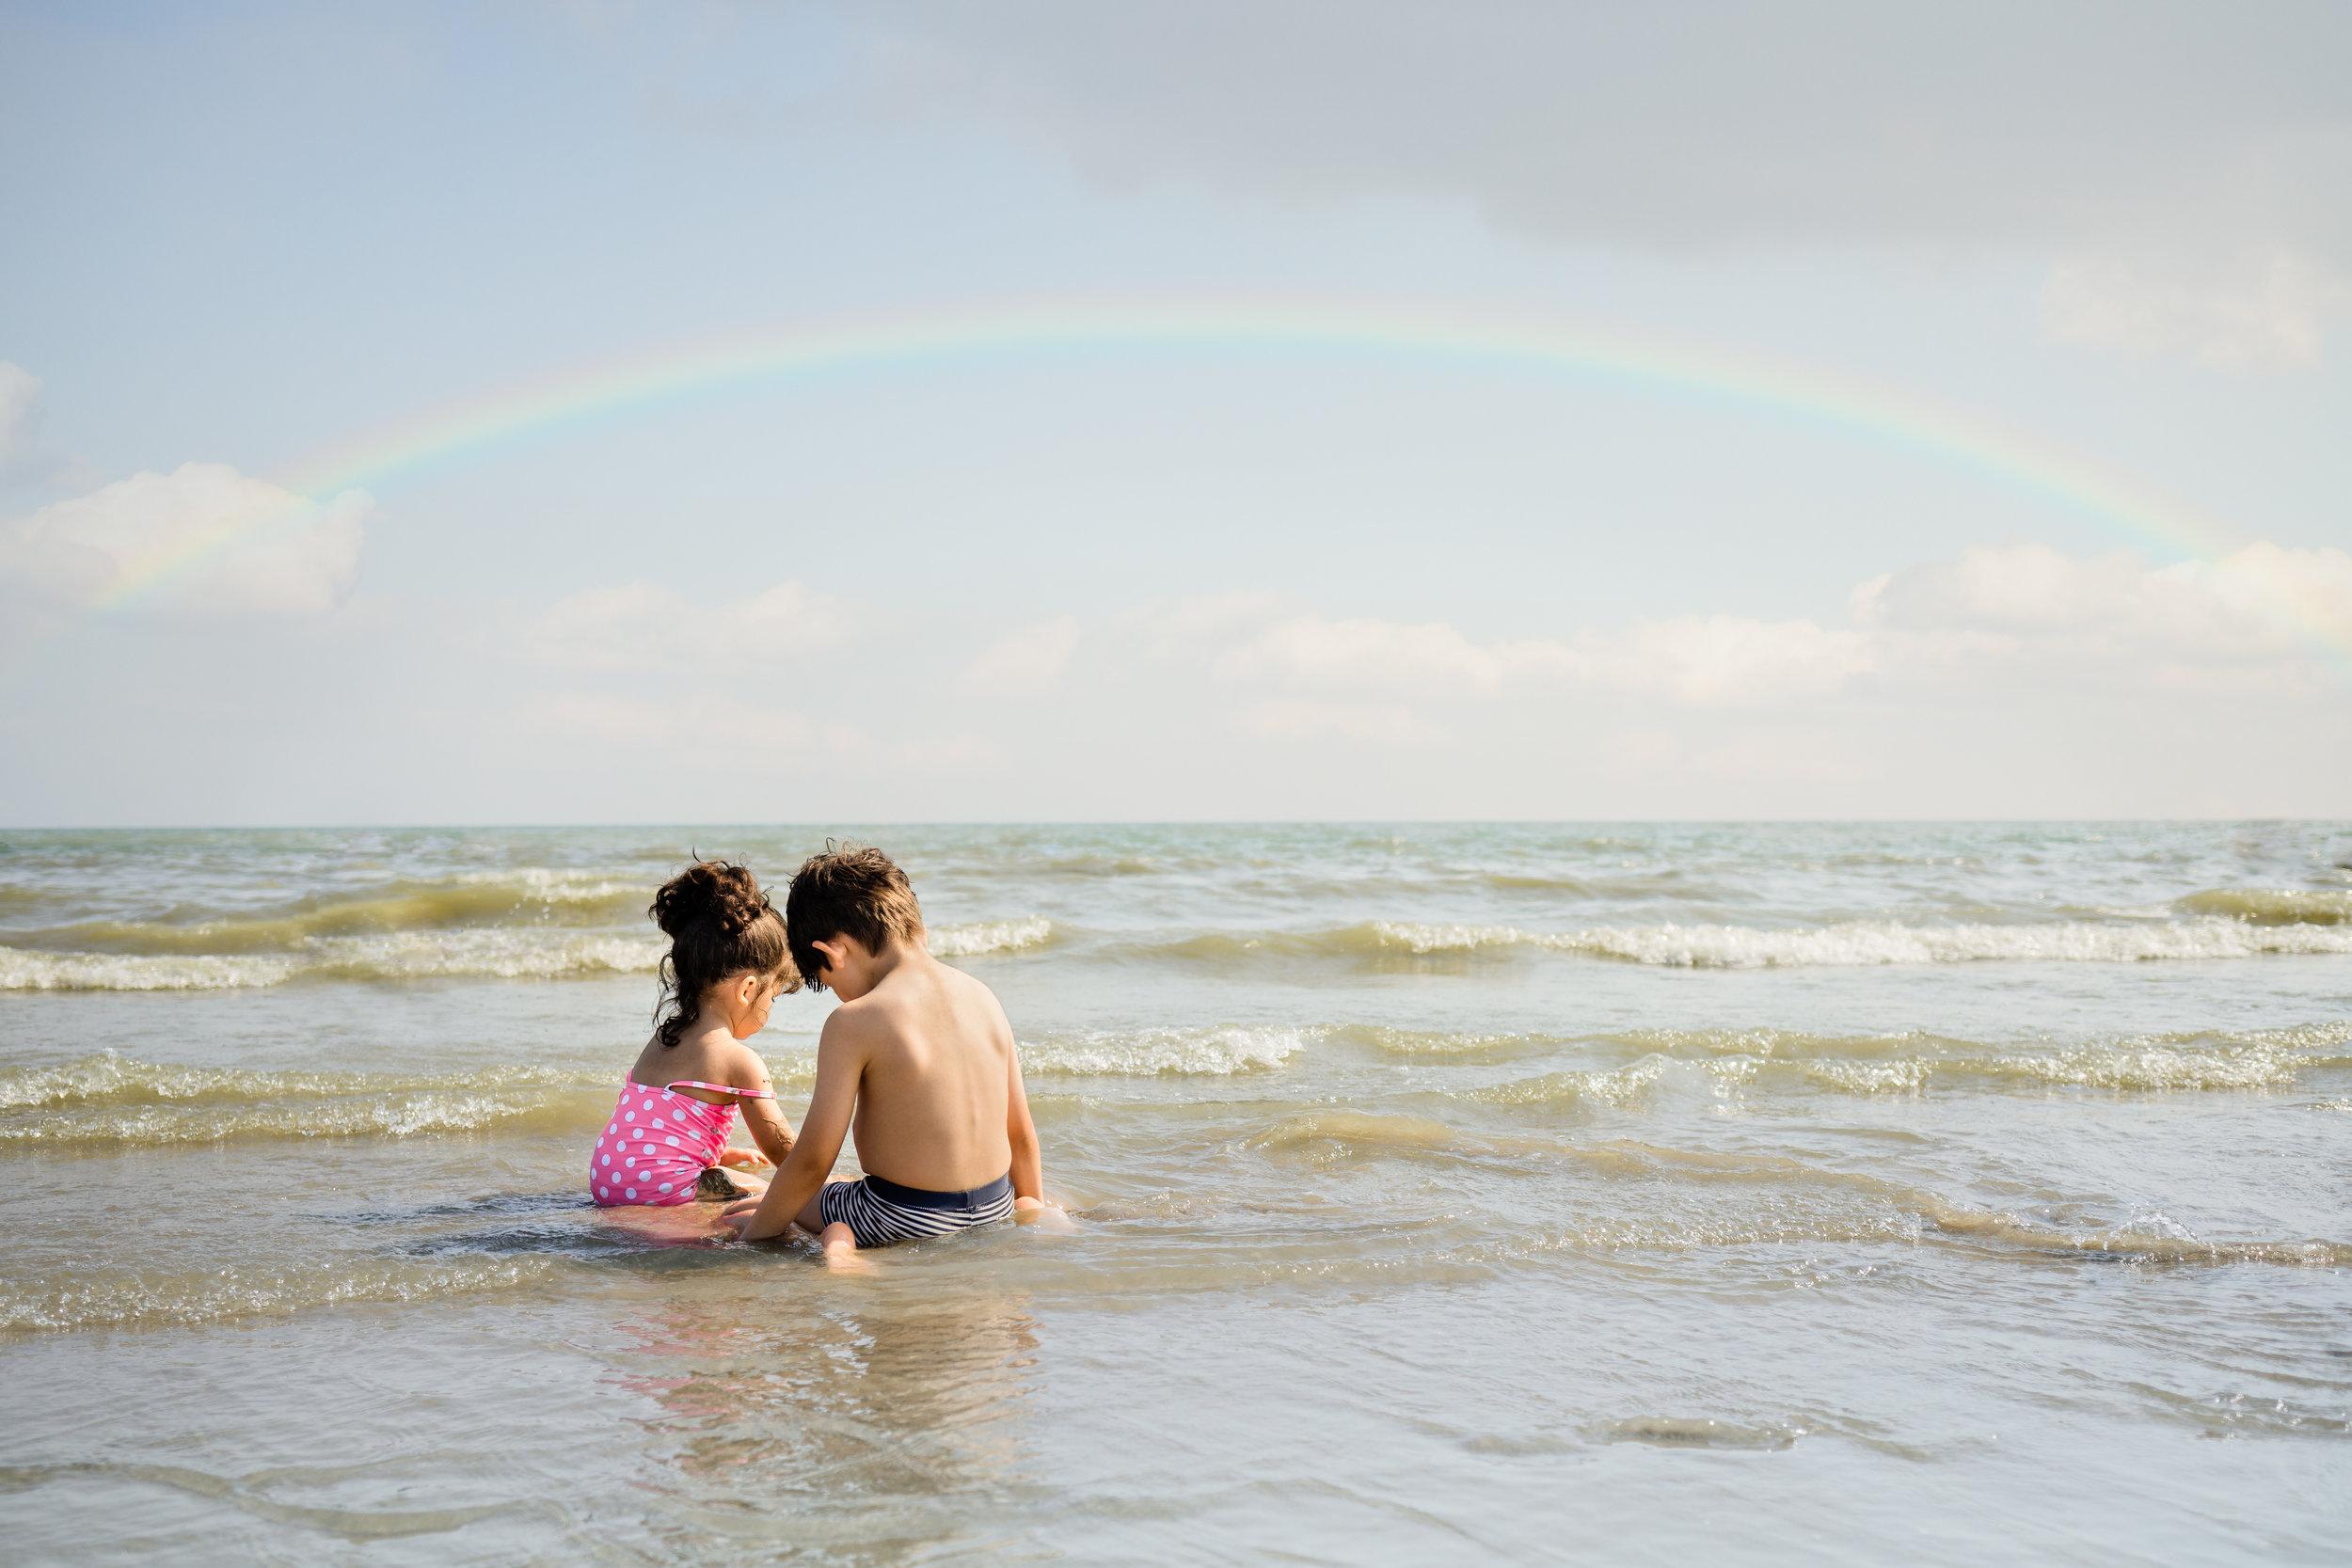 Beach Kids Camber Sands 09.jpg